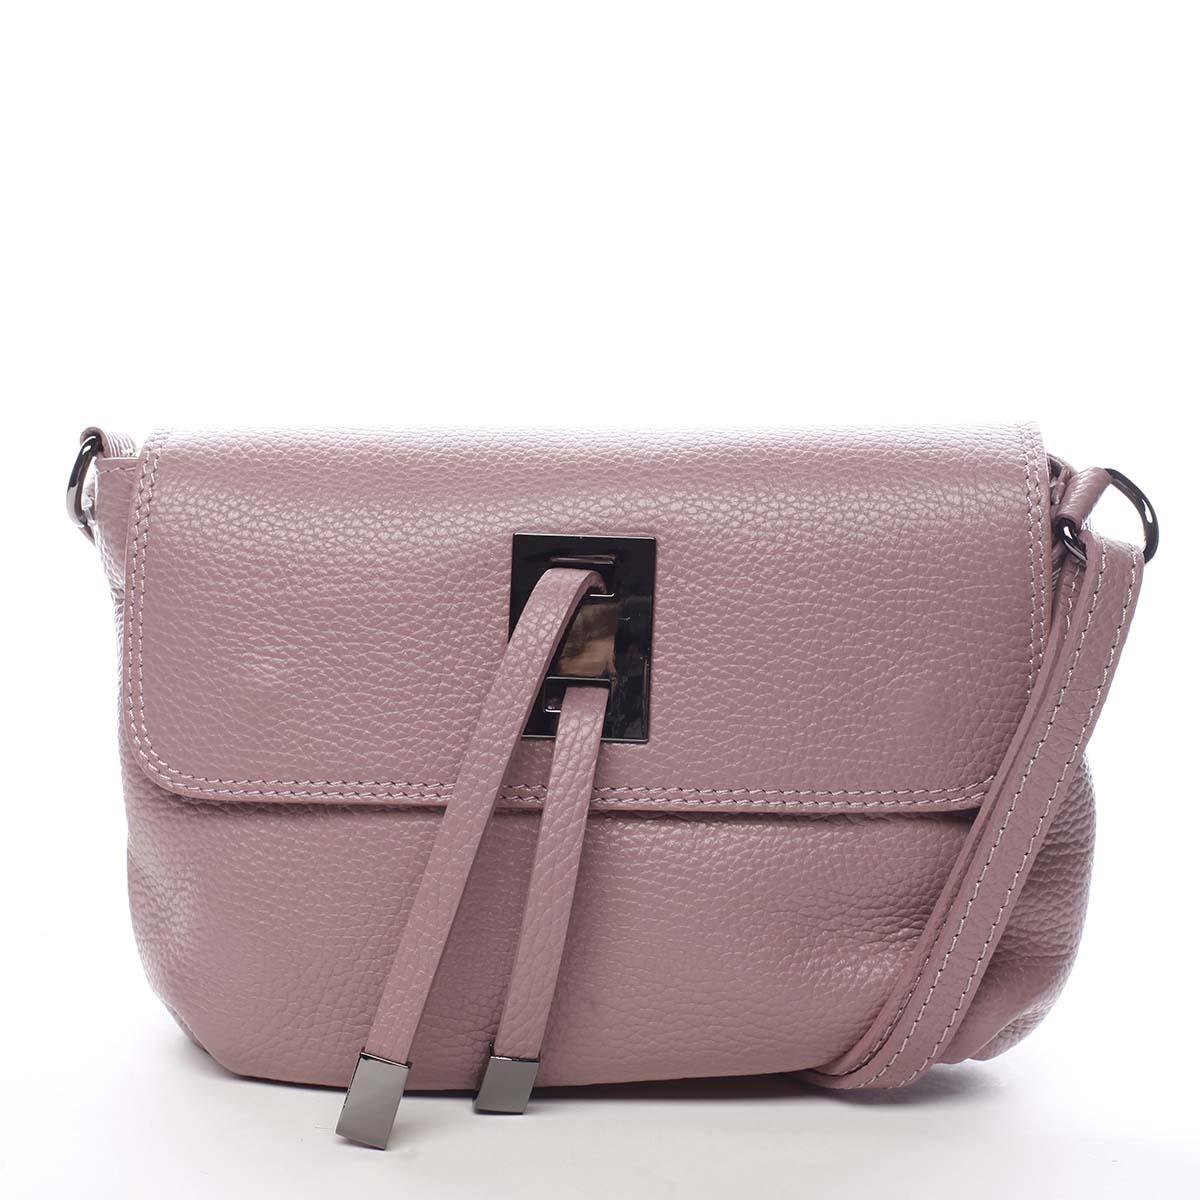 Dámska kožená crossbody kabelka ružová - ItalY Porta ružová